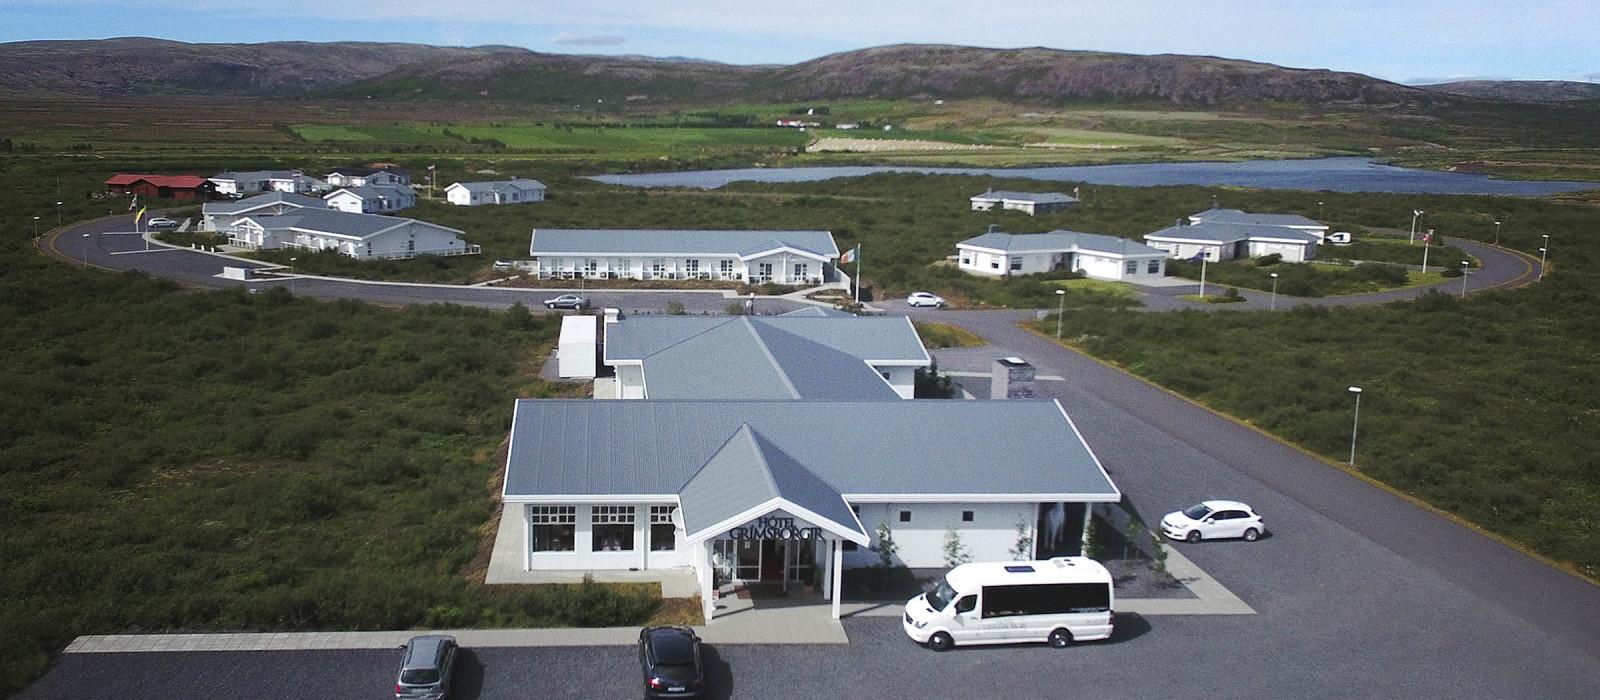 Hotel Hótel Grímsborgir (Selfoss) Iceland